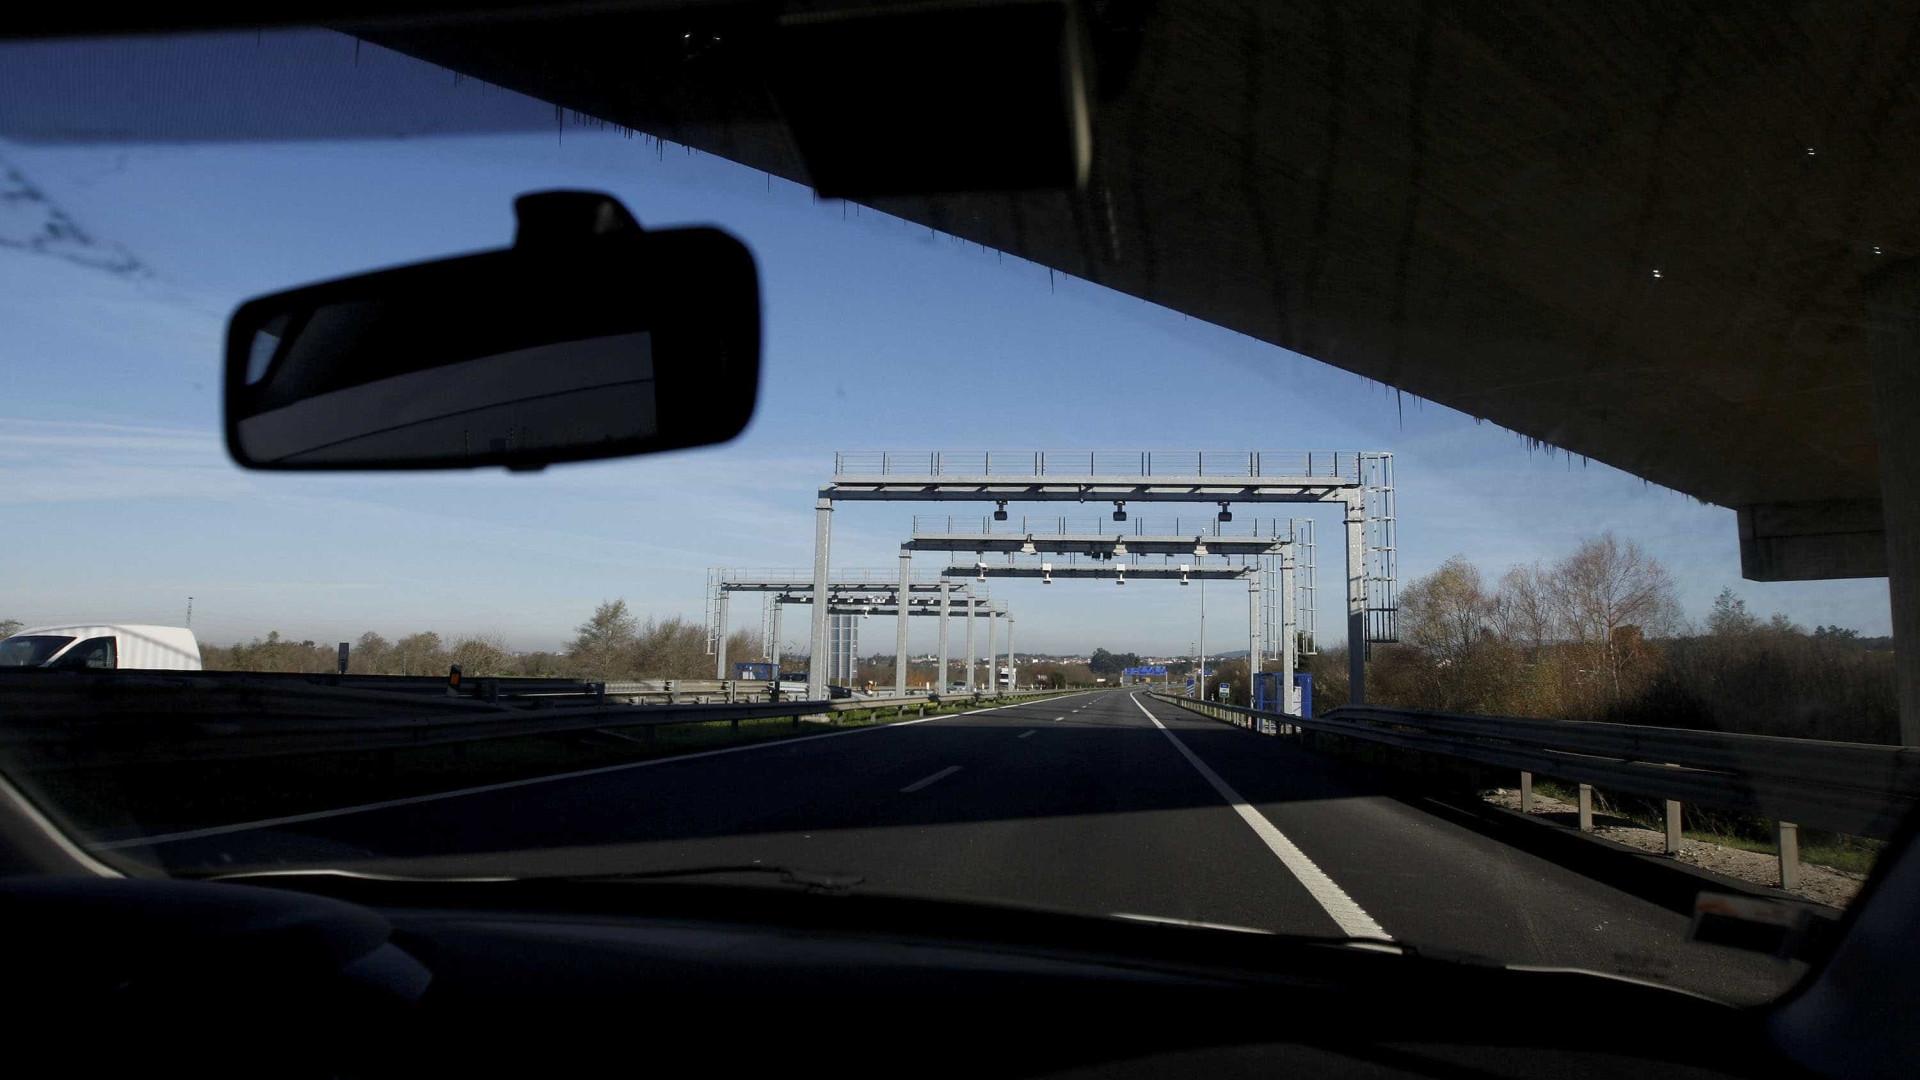 Transportadoras apoiam protestos da Plataforma pela reposição das Scut